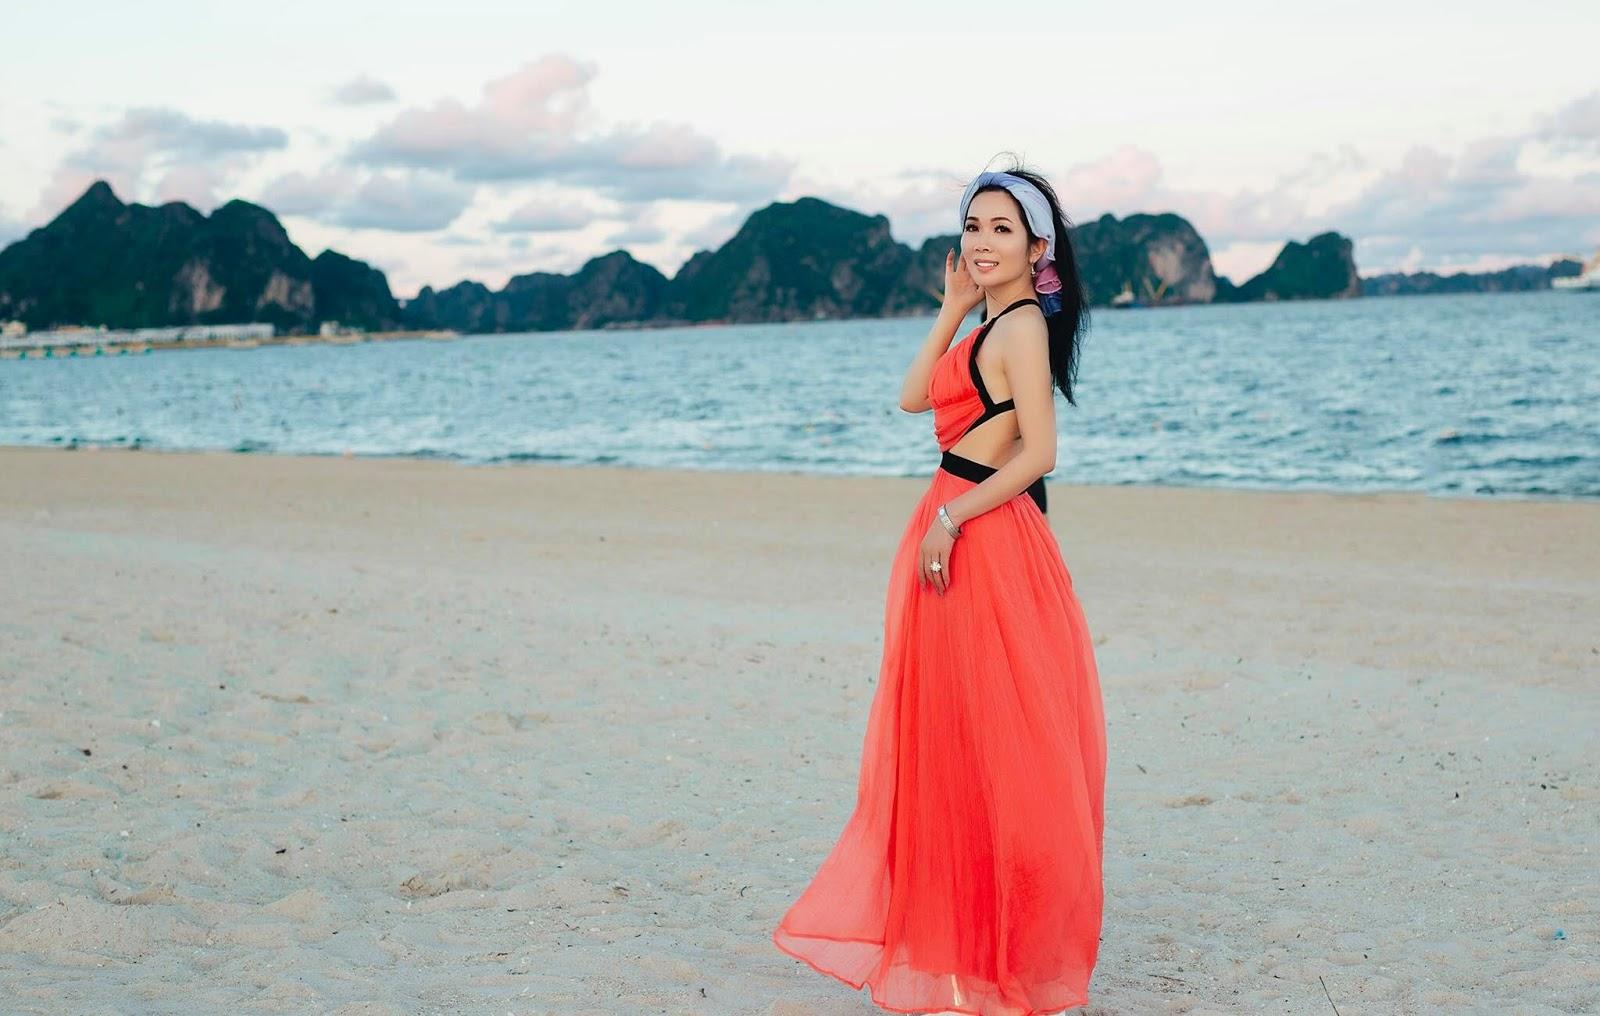 Người đẹp sở hữu vòng eo 58 cm khoe lưng trần gợi cảm trên bờ biển - Hình 8